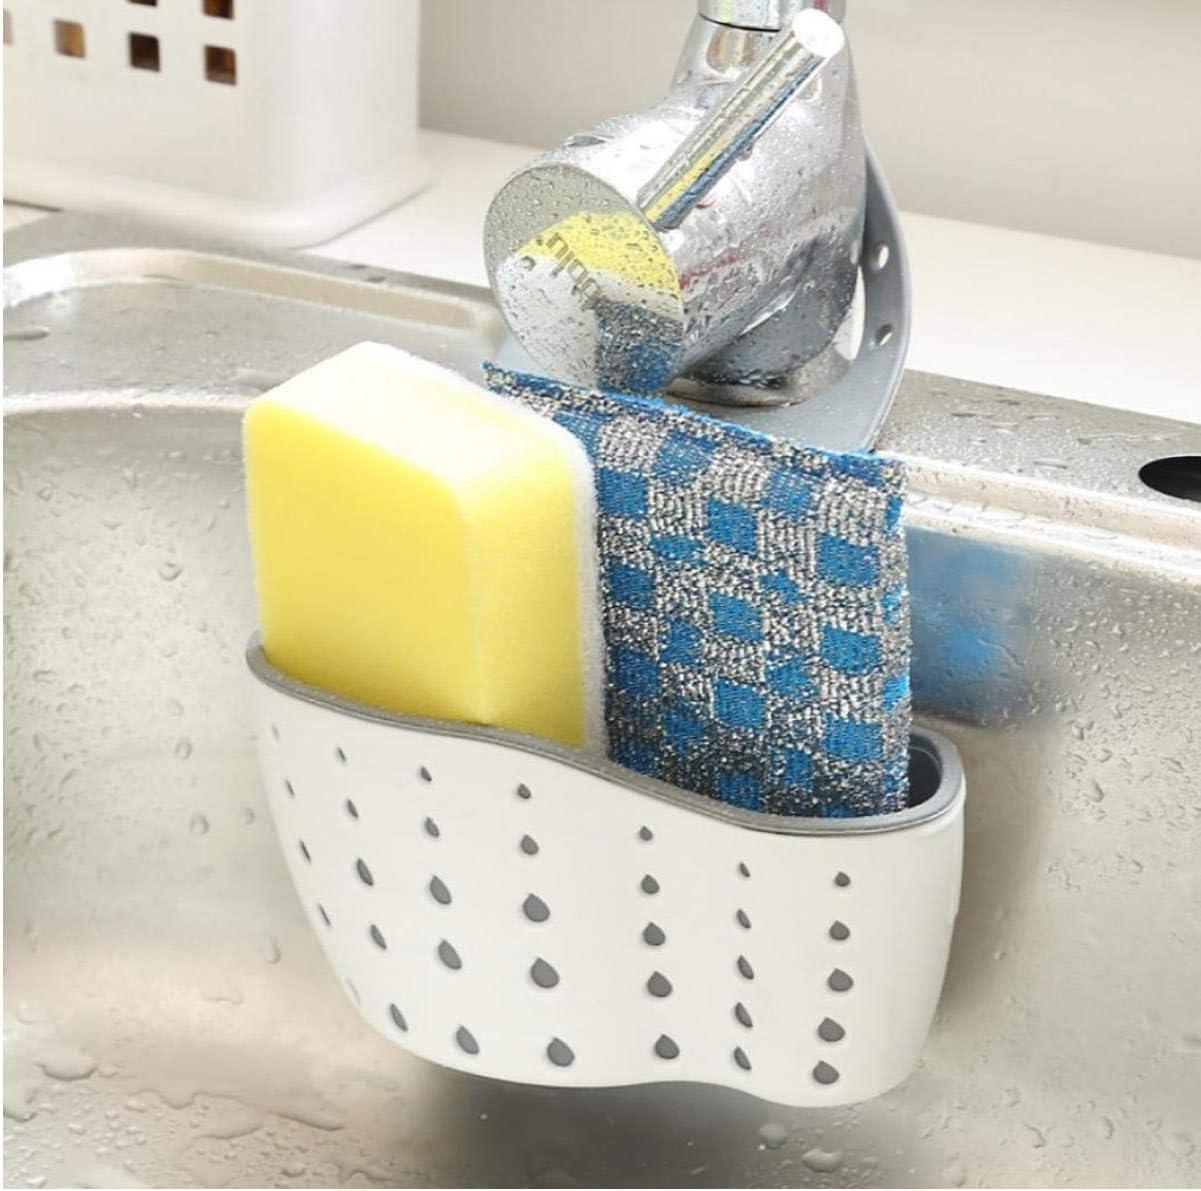 Zonster Kitchen Sink Mensola Organizzatore Scarico Scaffale Beige SMYTShop Sink Caddy Sapone e Porta Spugna stendino titolari Piatto Stendino Sink Shelf